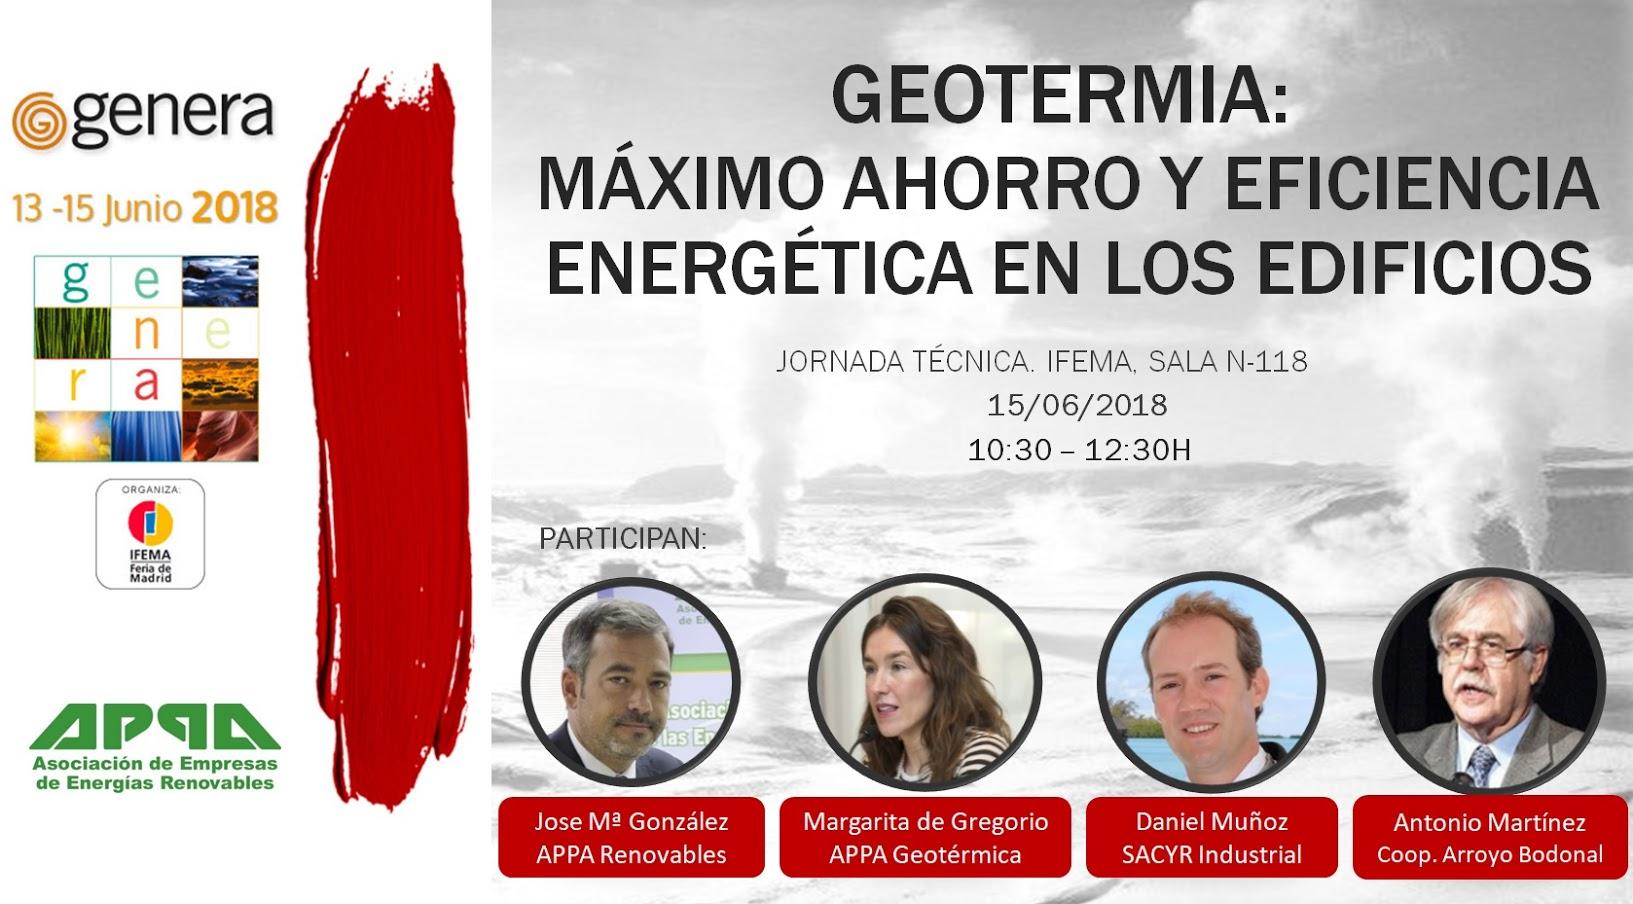 Jornada 'Geotermia: máximo ahorro y eficiencia energética para los edificios' (GENERA 2018. Madrid, 15 de junio)